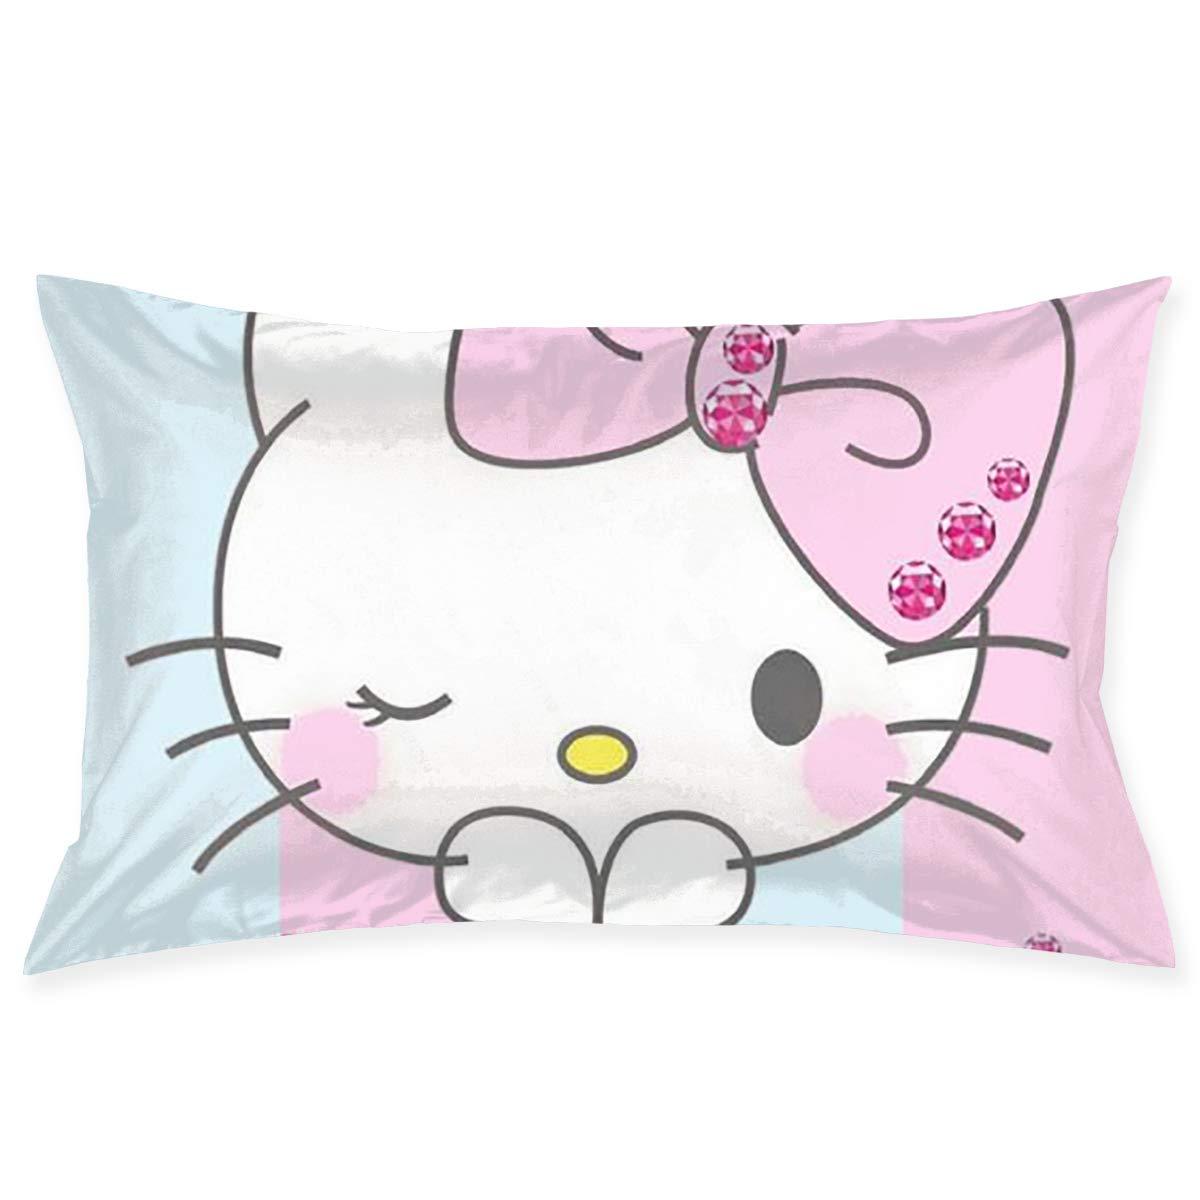 CHLING Fundas de Almohada de Hello Kitty, Color Rosa, Funda ...